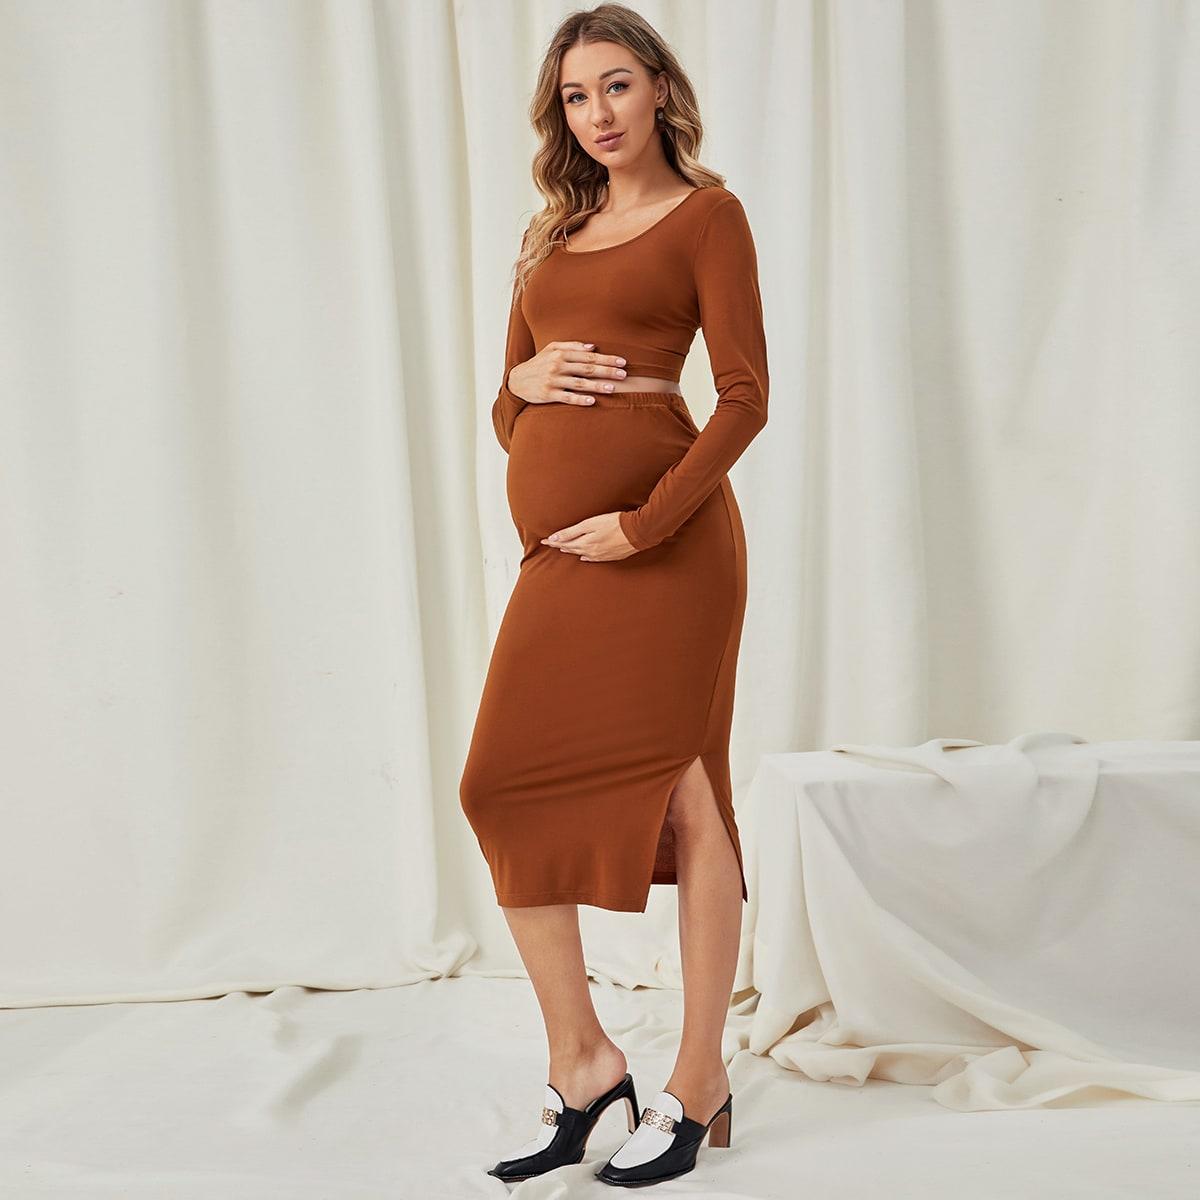 Пуговица ровный цвет элегантный комплект из двух предметов для беременных